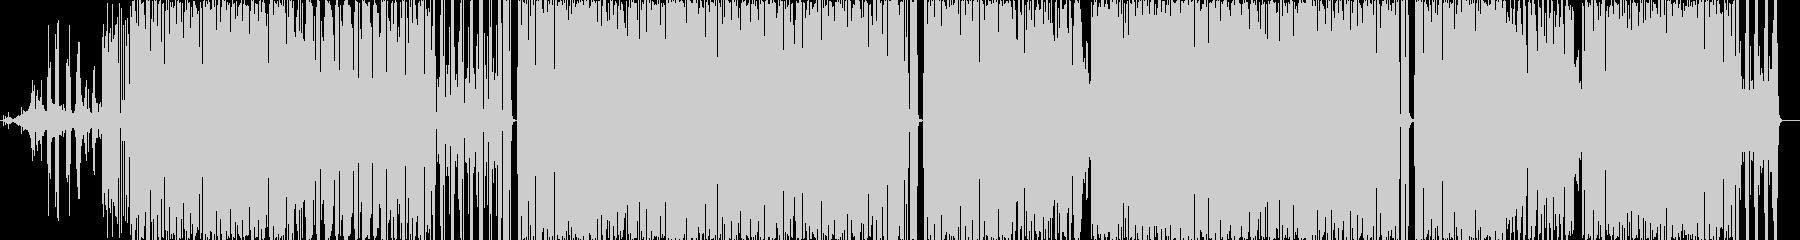 エスニック。レゲエの歌。の未再生の波形